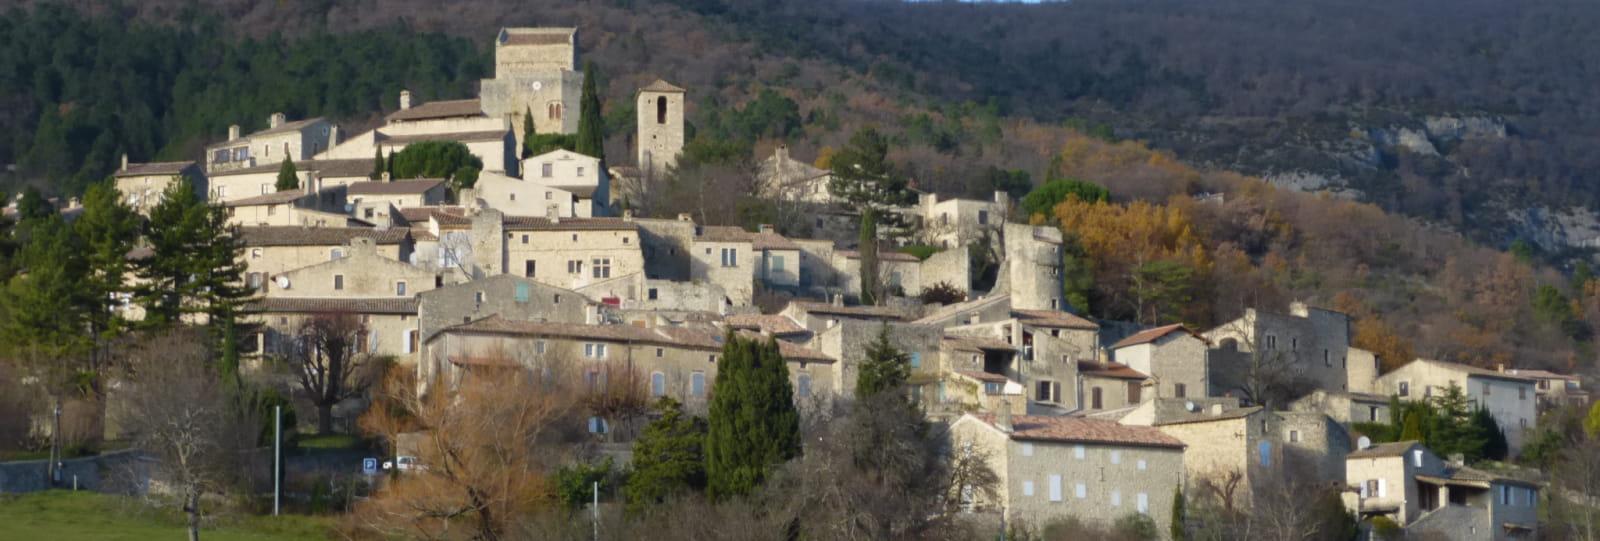 Poët laval village dieulefit tourisme